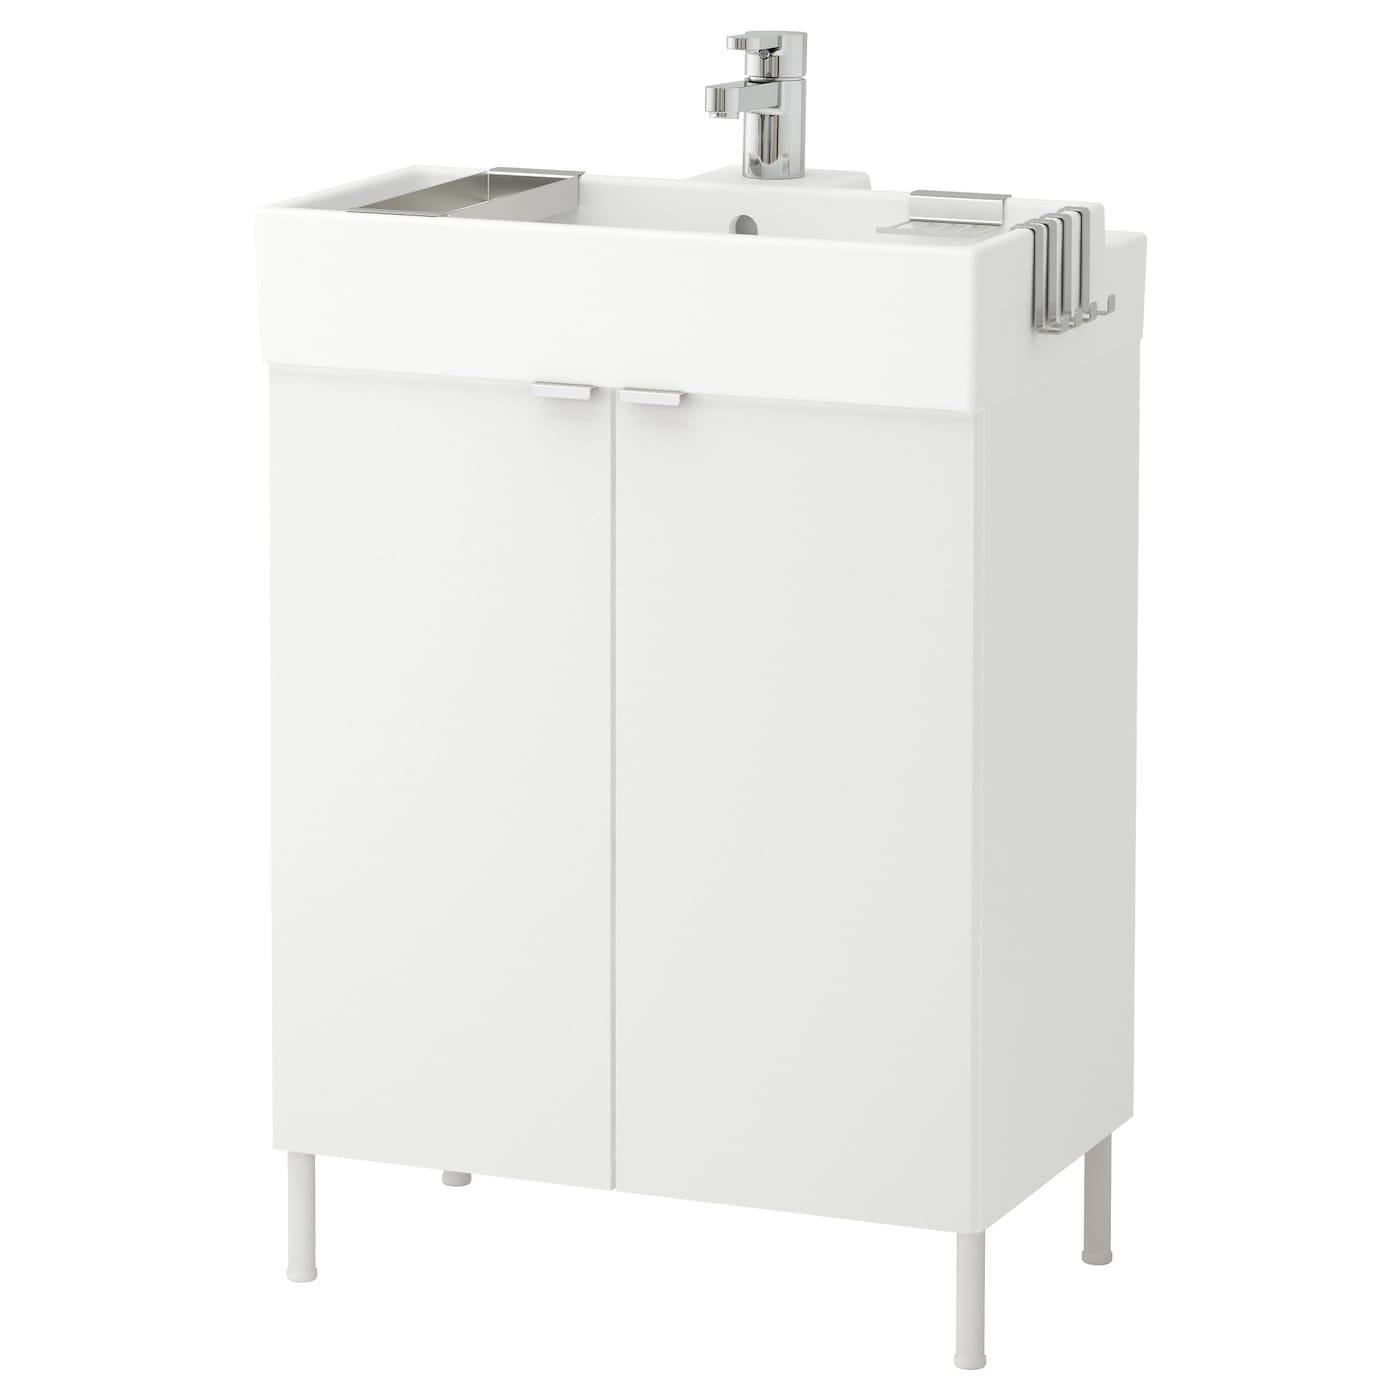 Armarios para lavabo muebles de ba o compra online ikea - Armario lavabo ikea ...